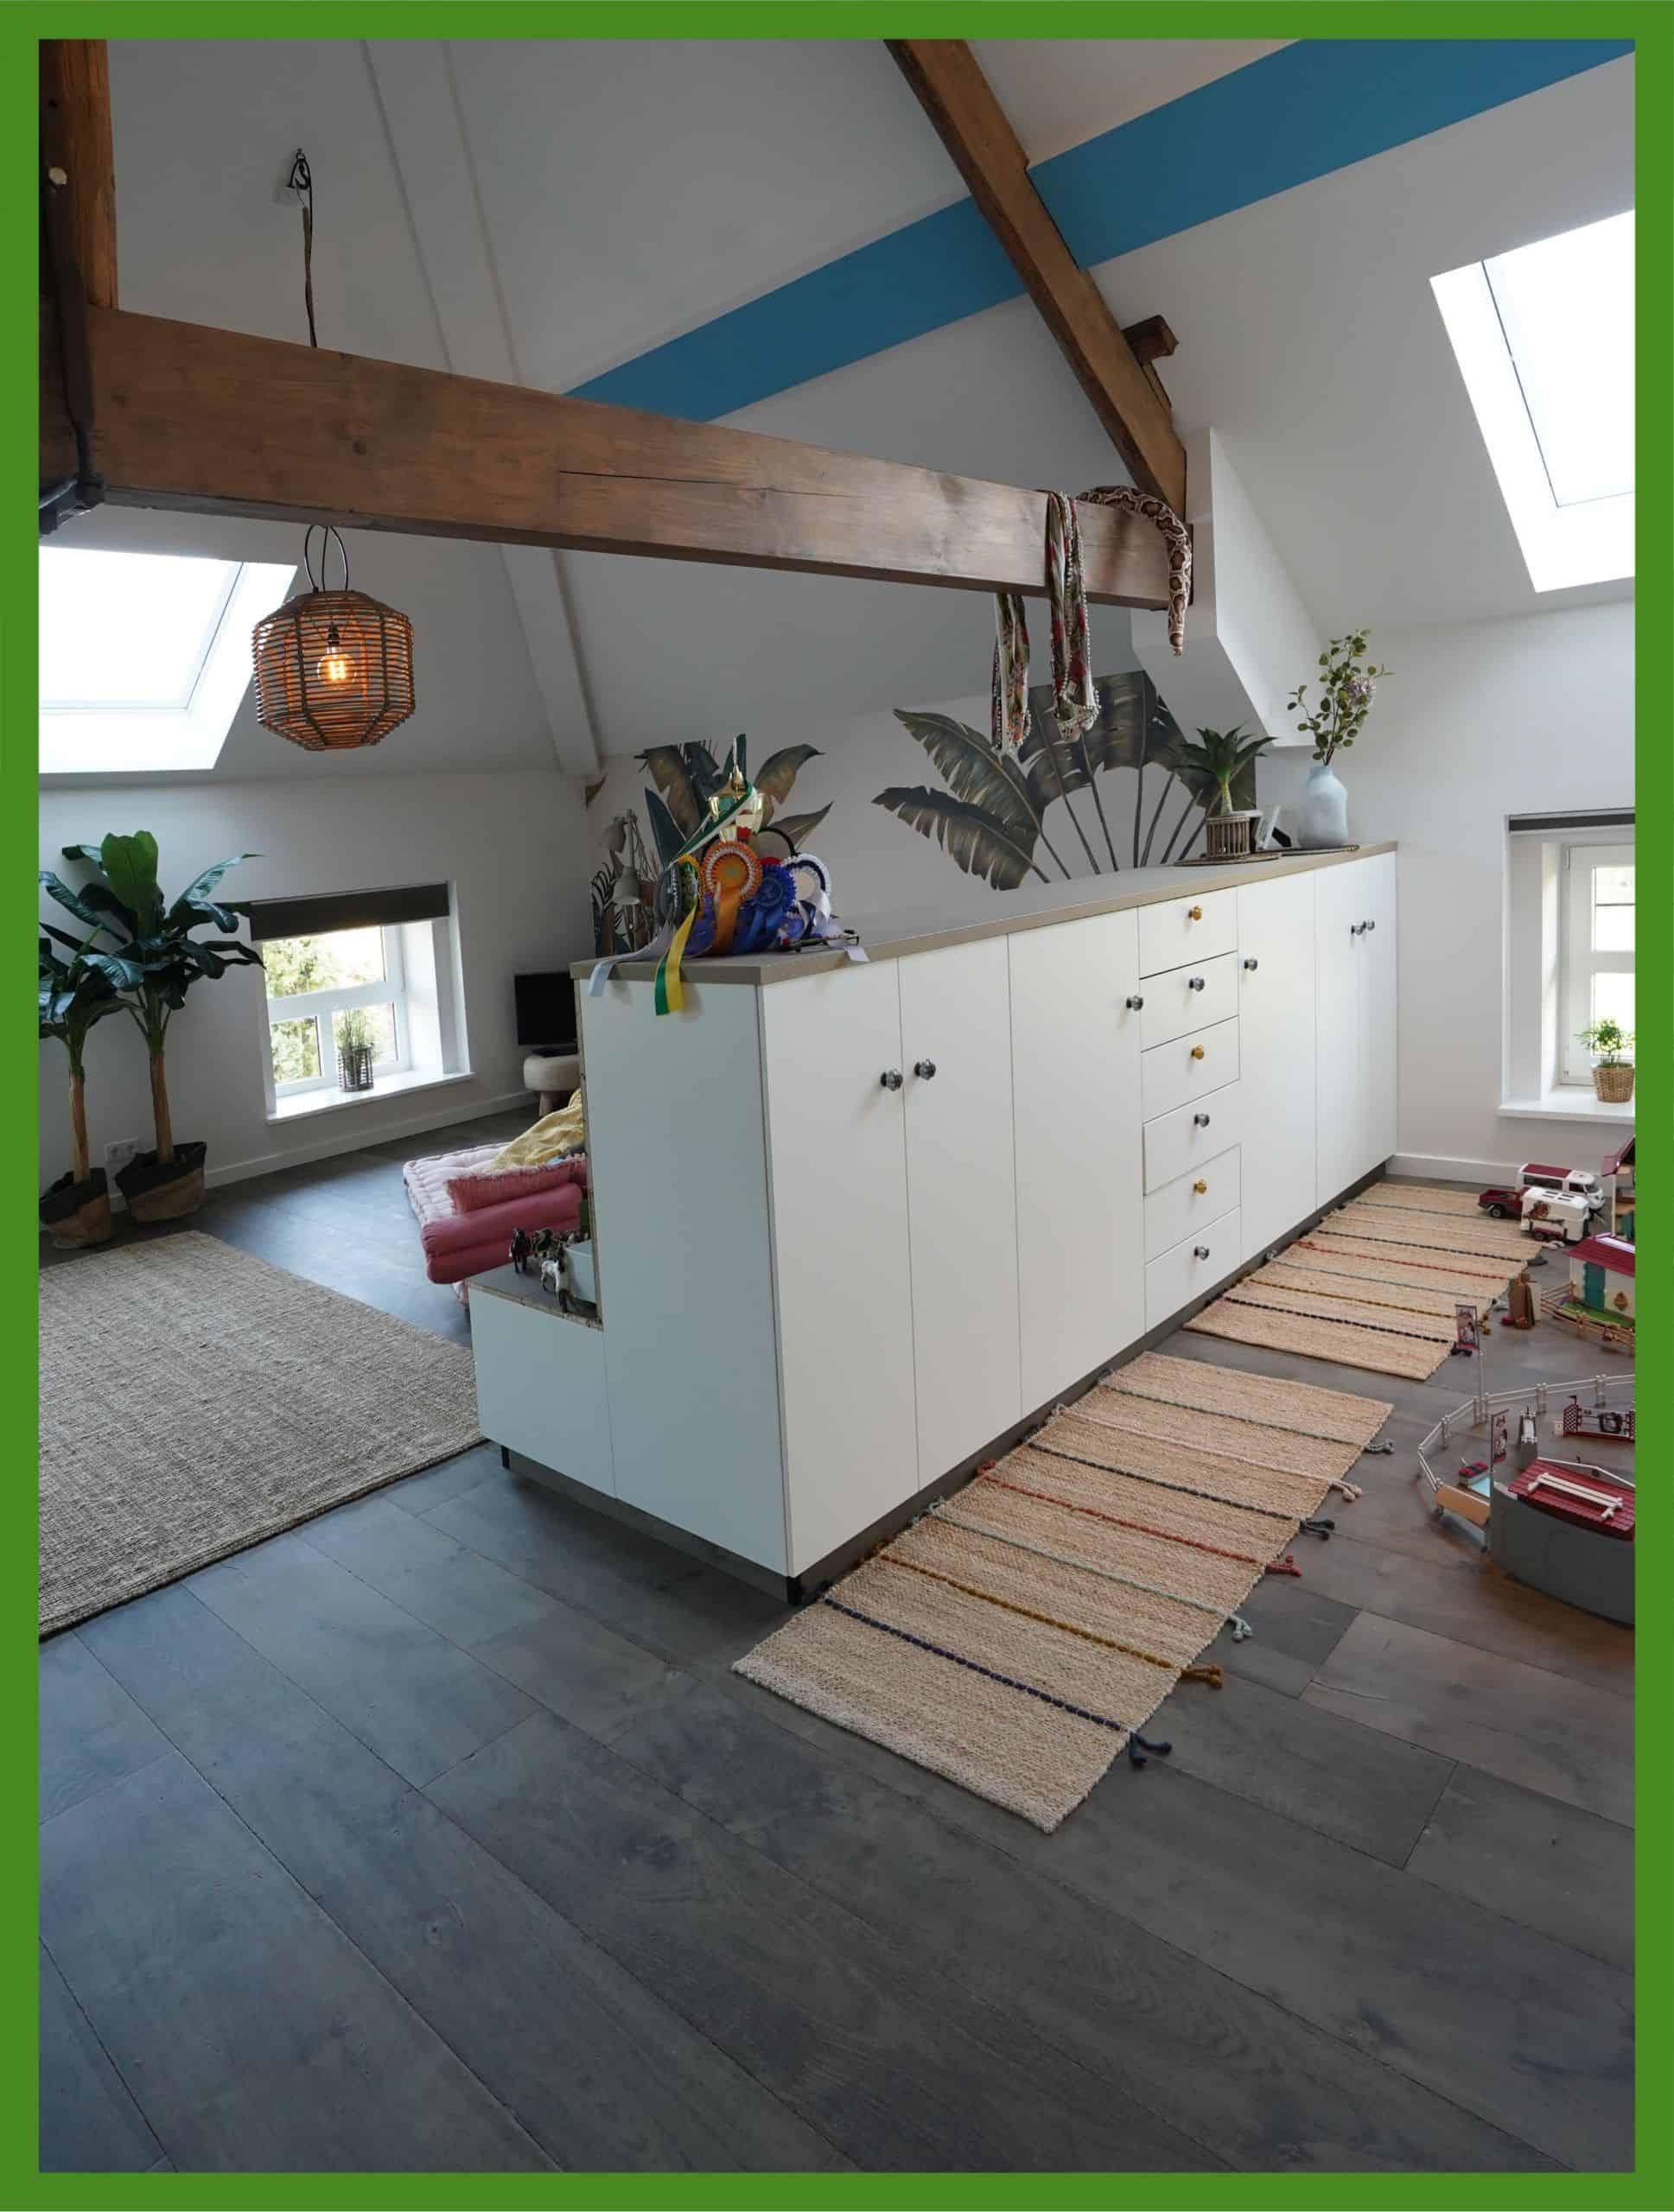 Zimmer nach Tapezier- und Trockenbauarbeiten durch Malerbetrieb Düsseldorf ausgeführt